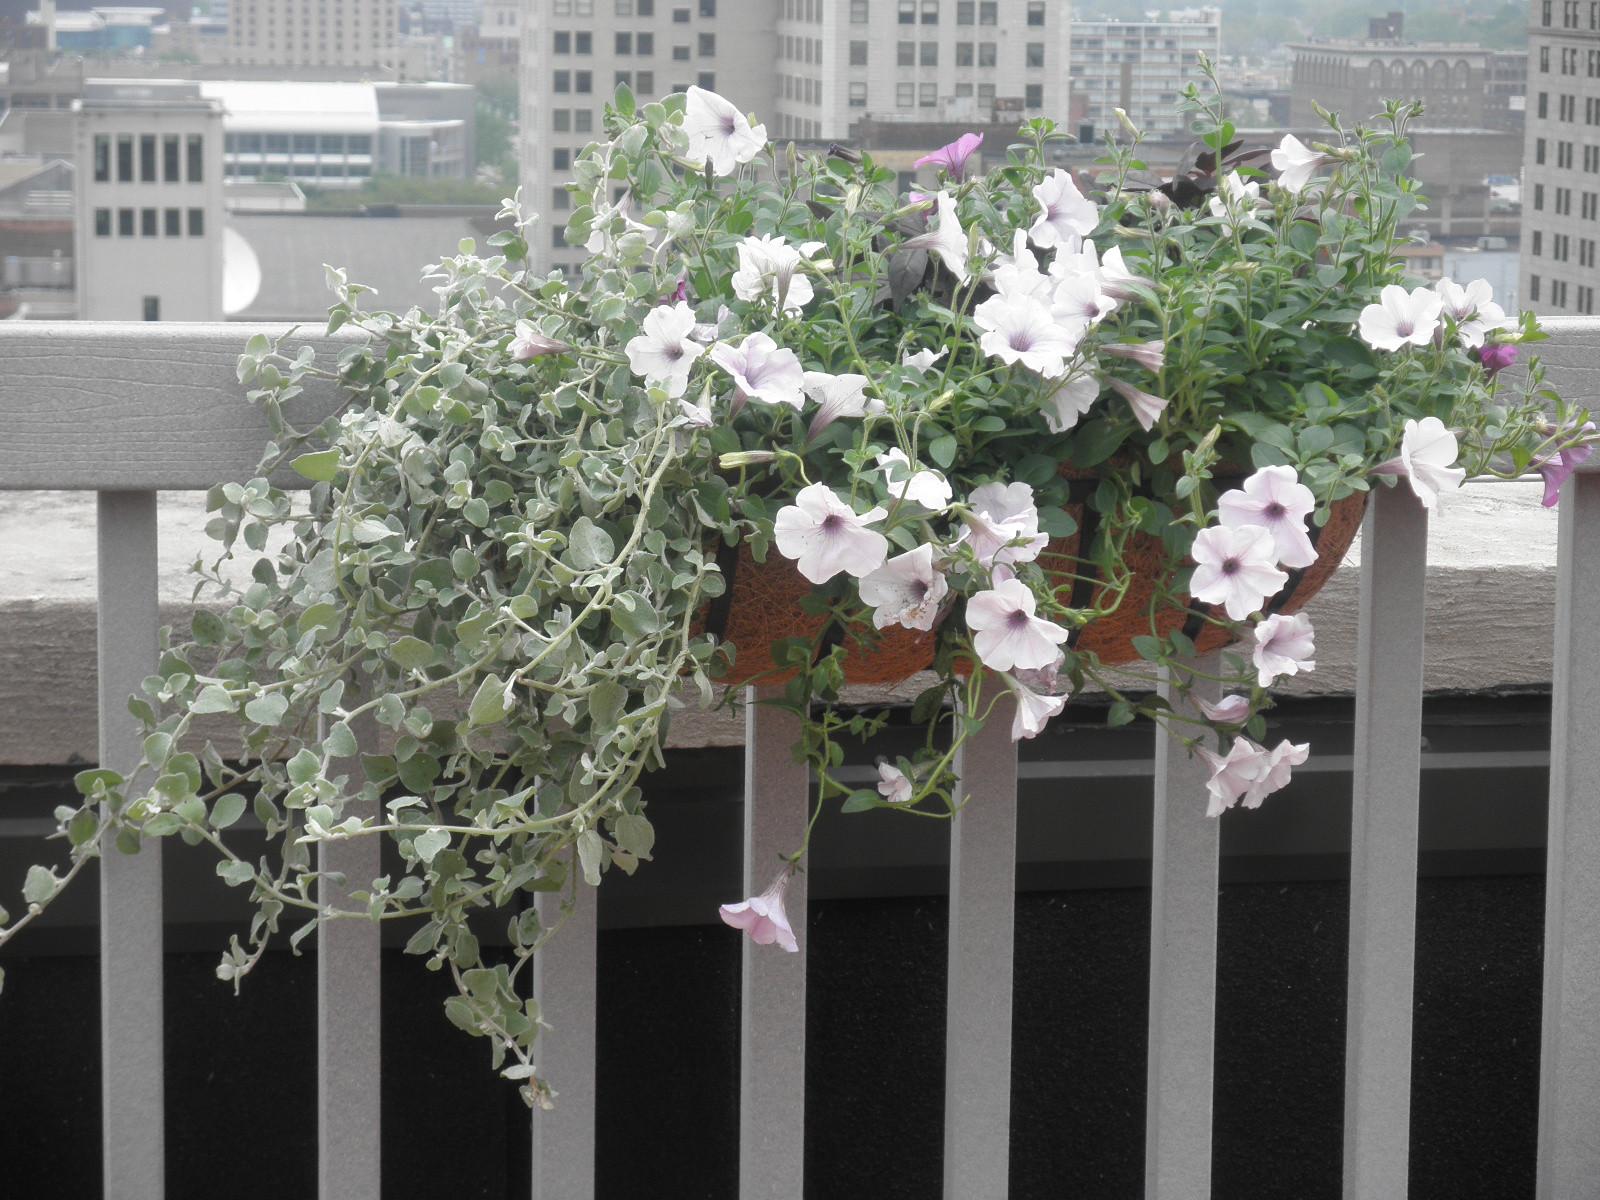 Exterior Small Planter